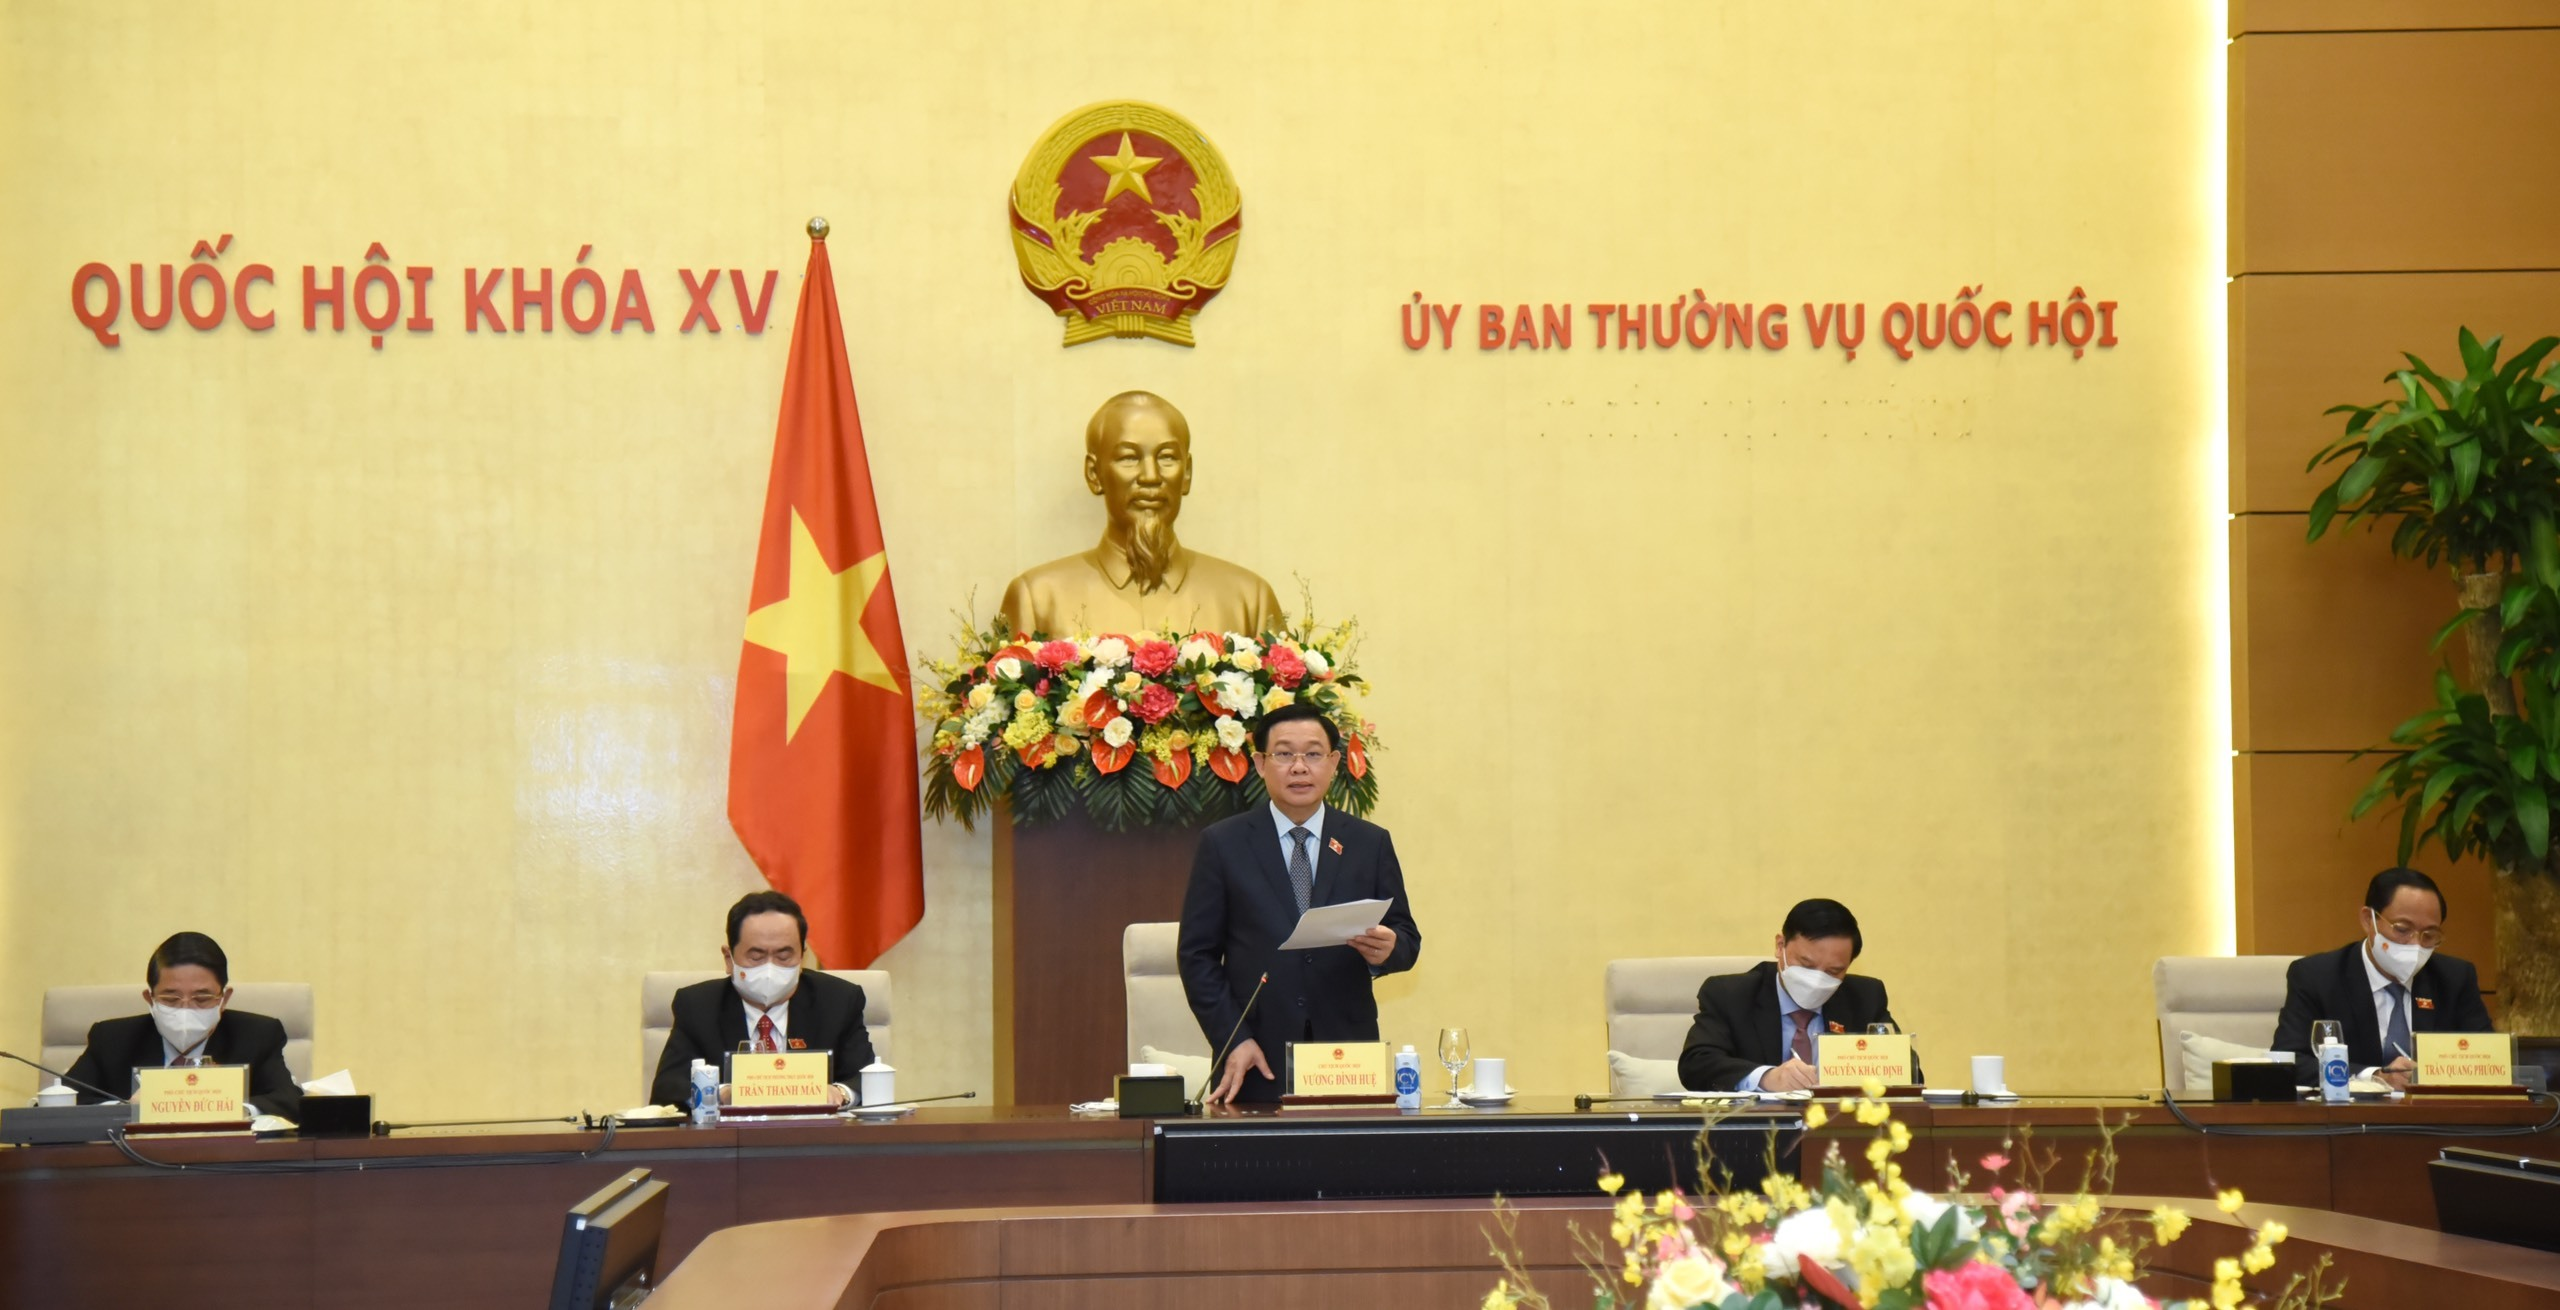 Quốc hội bổ sung việc phòng, chống Covid-19 vào Nghị quyết kỳ họp thứ nhất